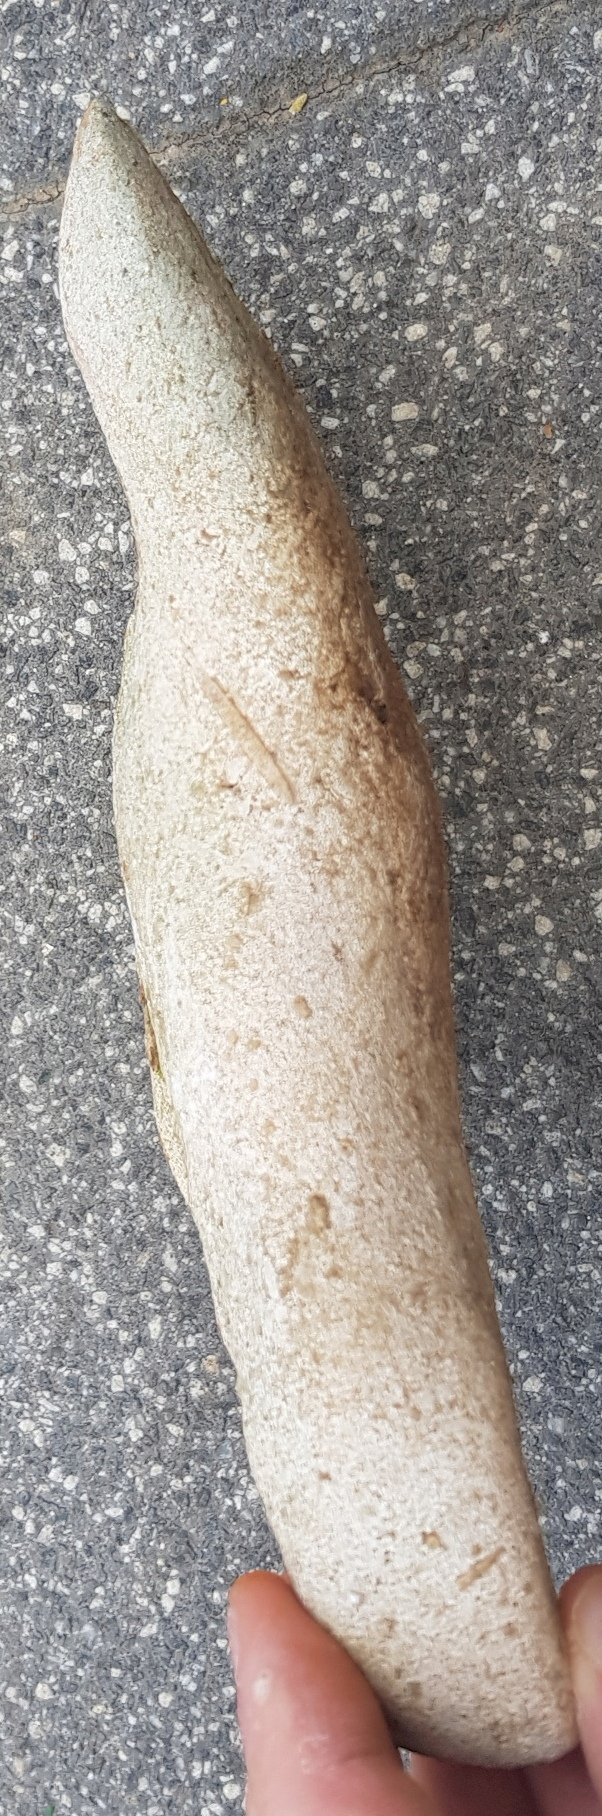 Hache antique en pierre ? 20190822